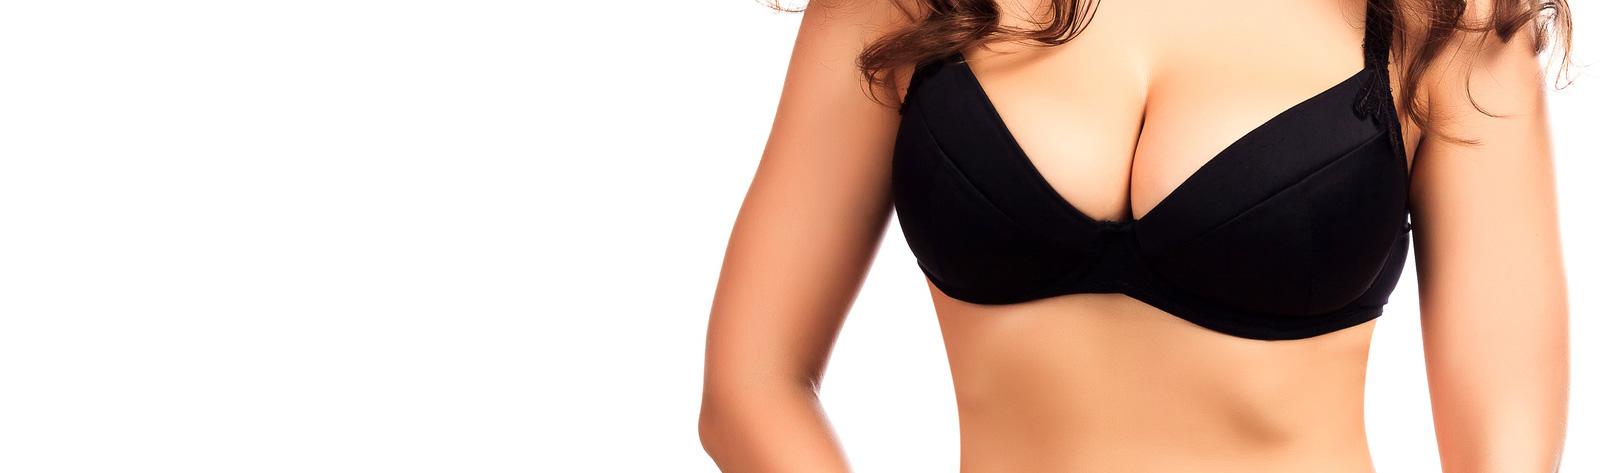 5 rzeczy które przyczyniają się do opadania piersi